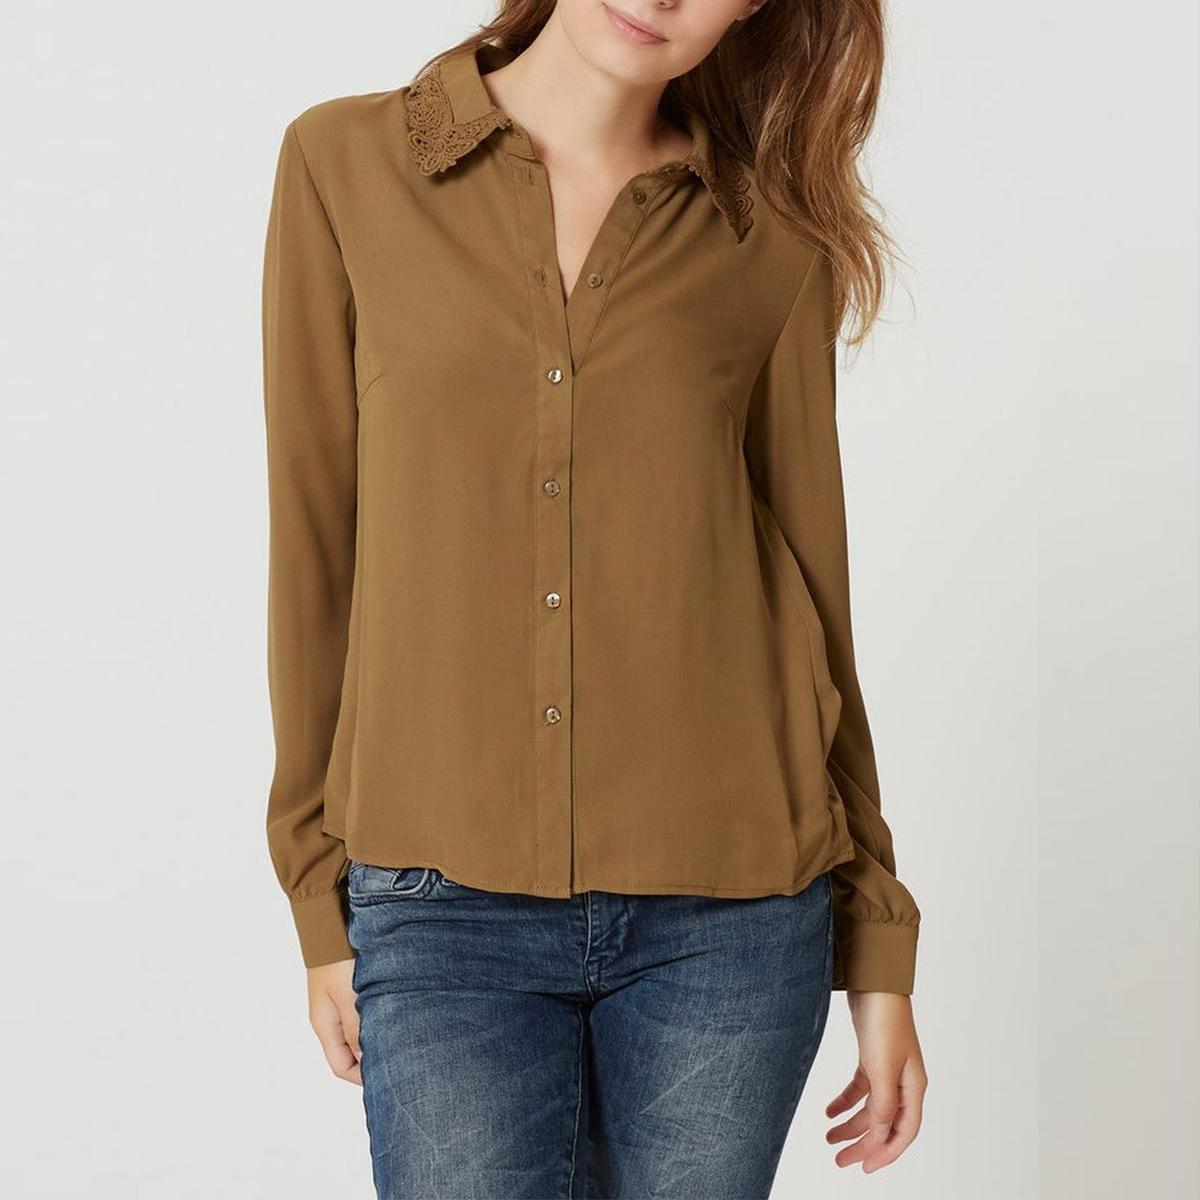 Рубашка VMLENNIE LACE SHIRTСостав и описание :Материал : 100% полиэстерМарка : VERO MODA.<br><br>Цвет: хаки светлый<br>Размер: XL